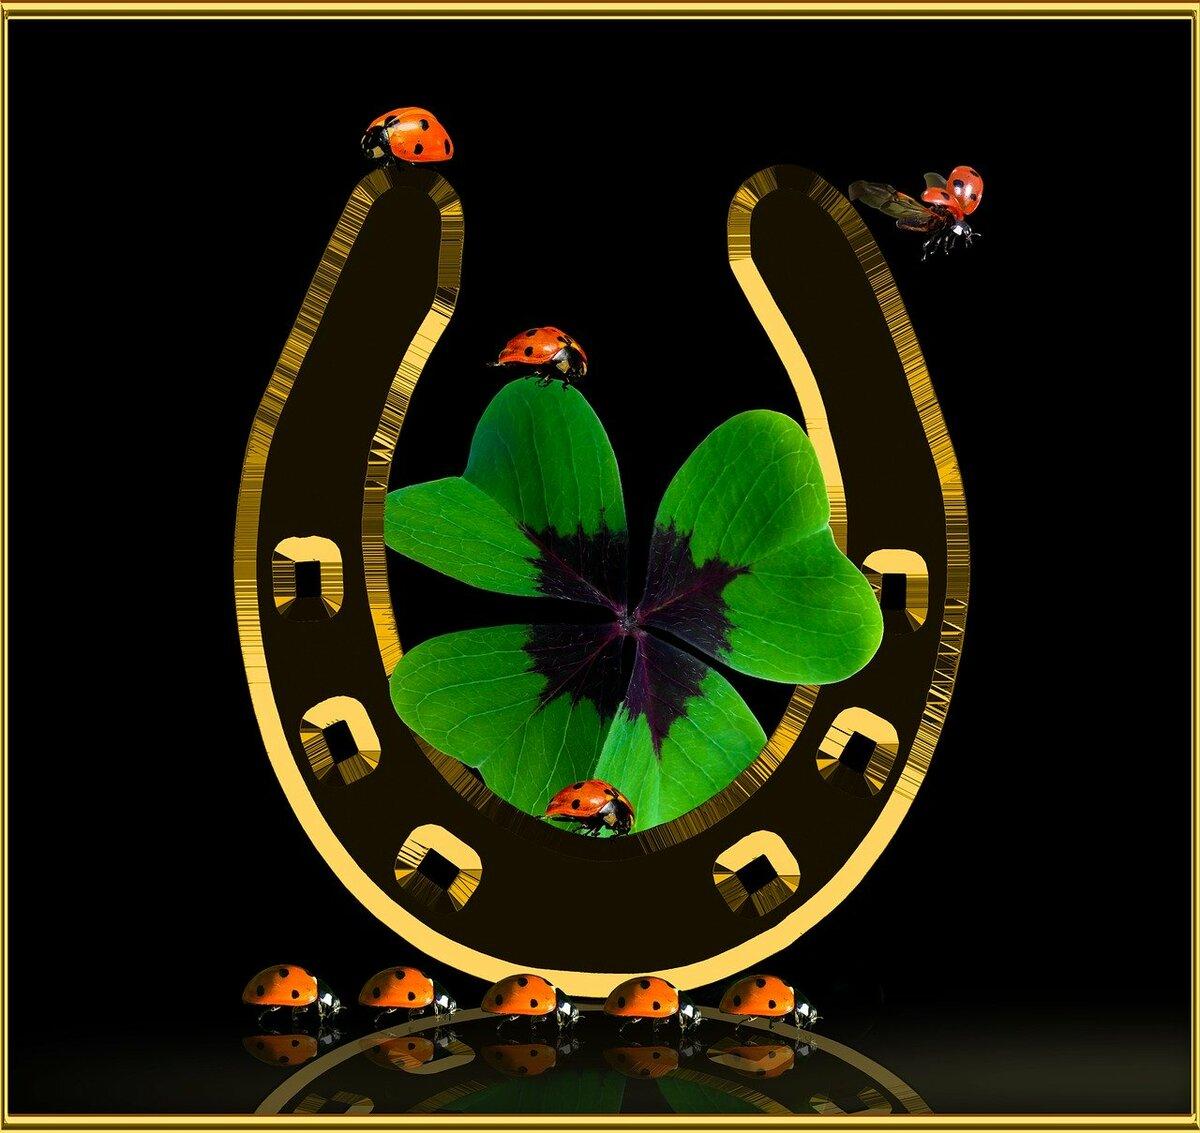 Символы приносящие удачу и богатство картинки